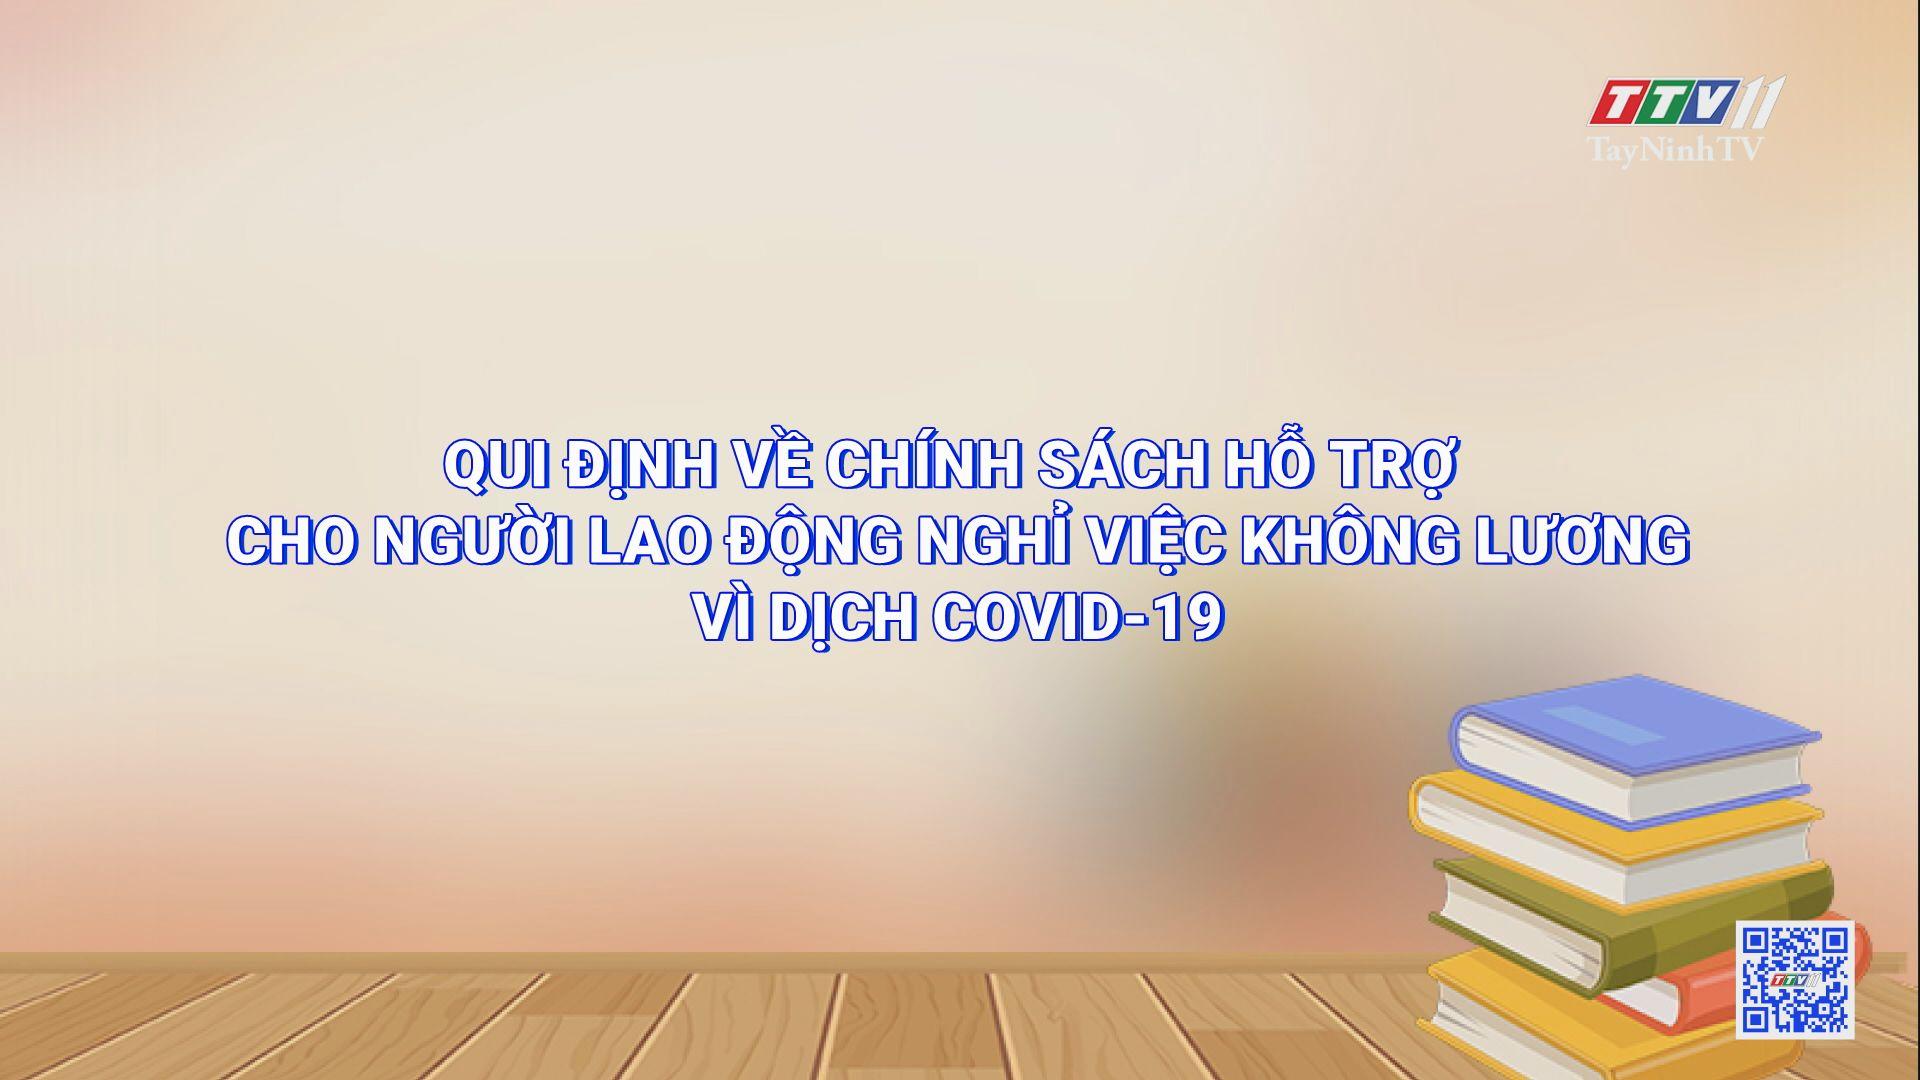 Qui định về chính sách hỗ trợ cho người lao động nghỉ việc không lương vì dịch Covid-19 | HỘP THƯ TRUYỀN HÌNH | TayNinhTV